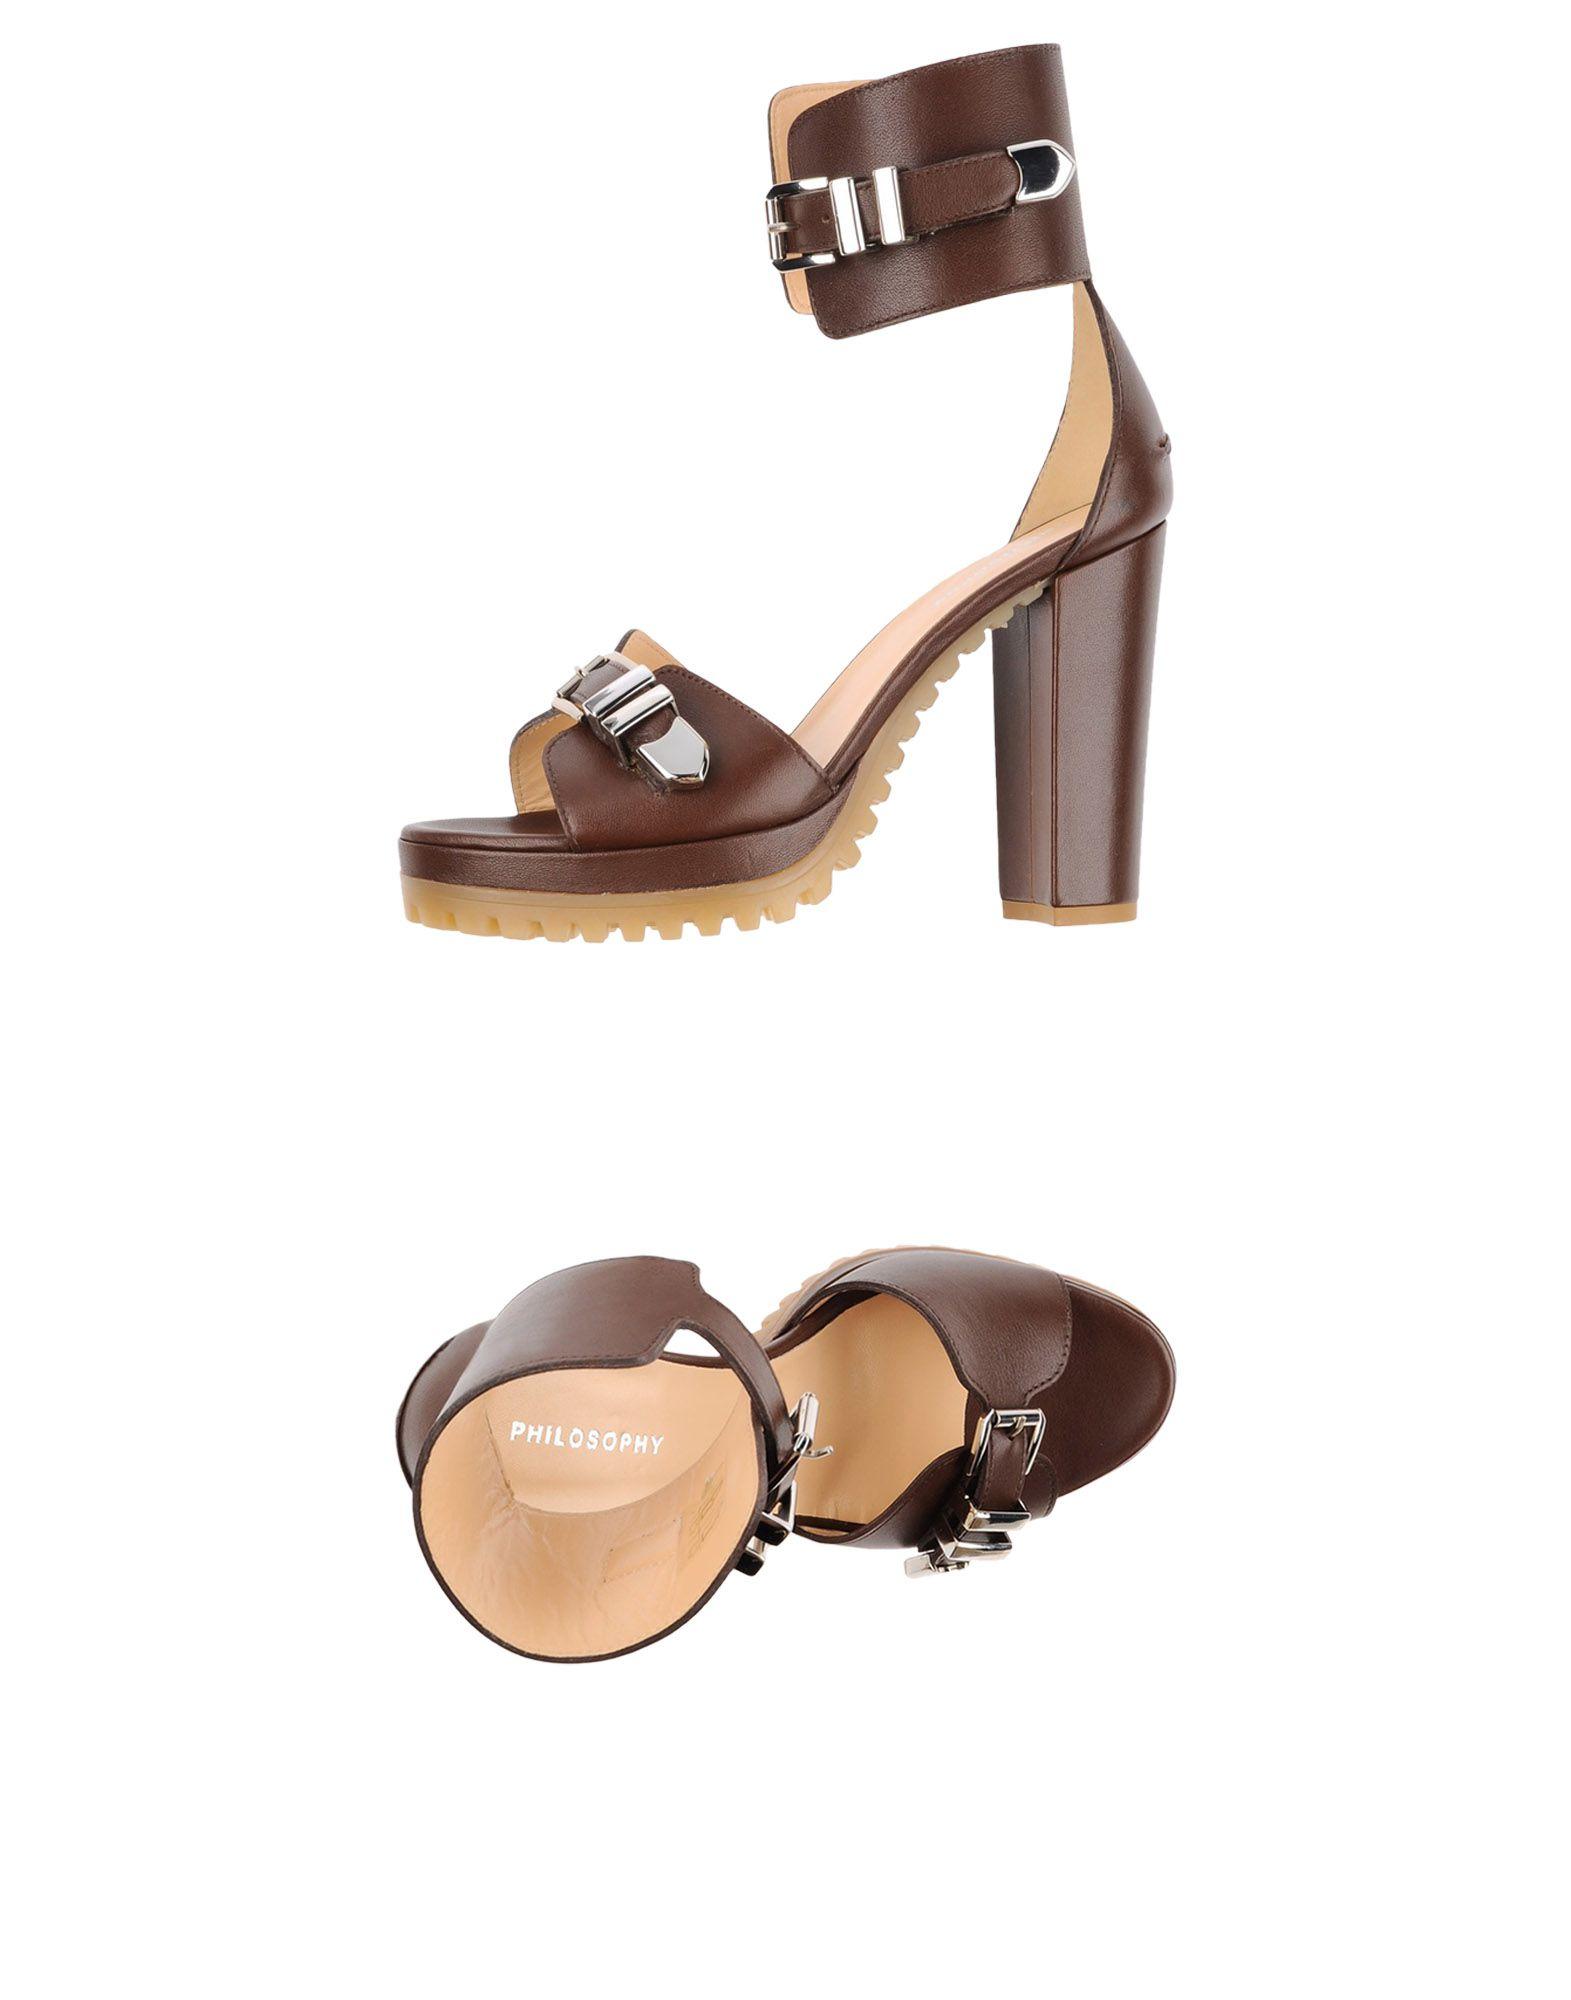 Rabatt Schuhe Philosophy Di Alberta Ferretti Sandalen Damen  44993042JX